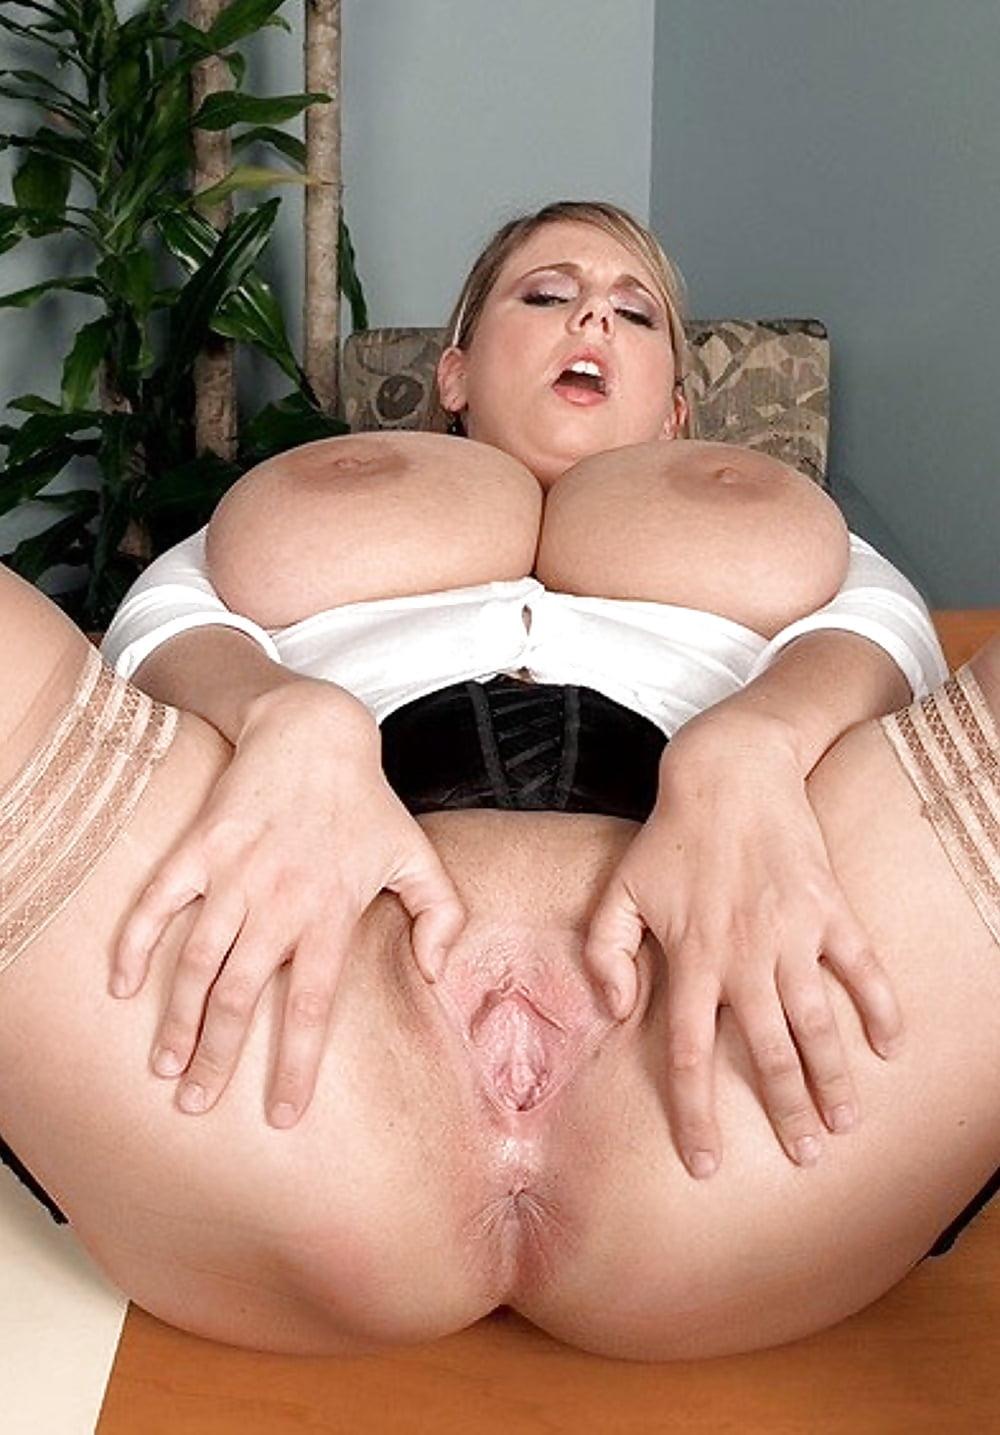 смотреть порно фото пышные формы крупный план - 9